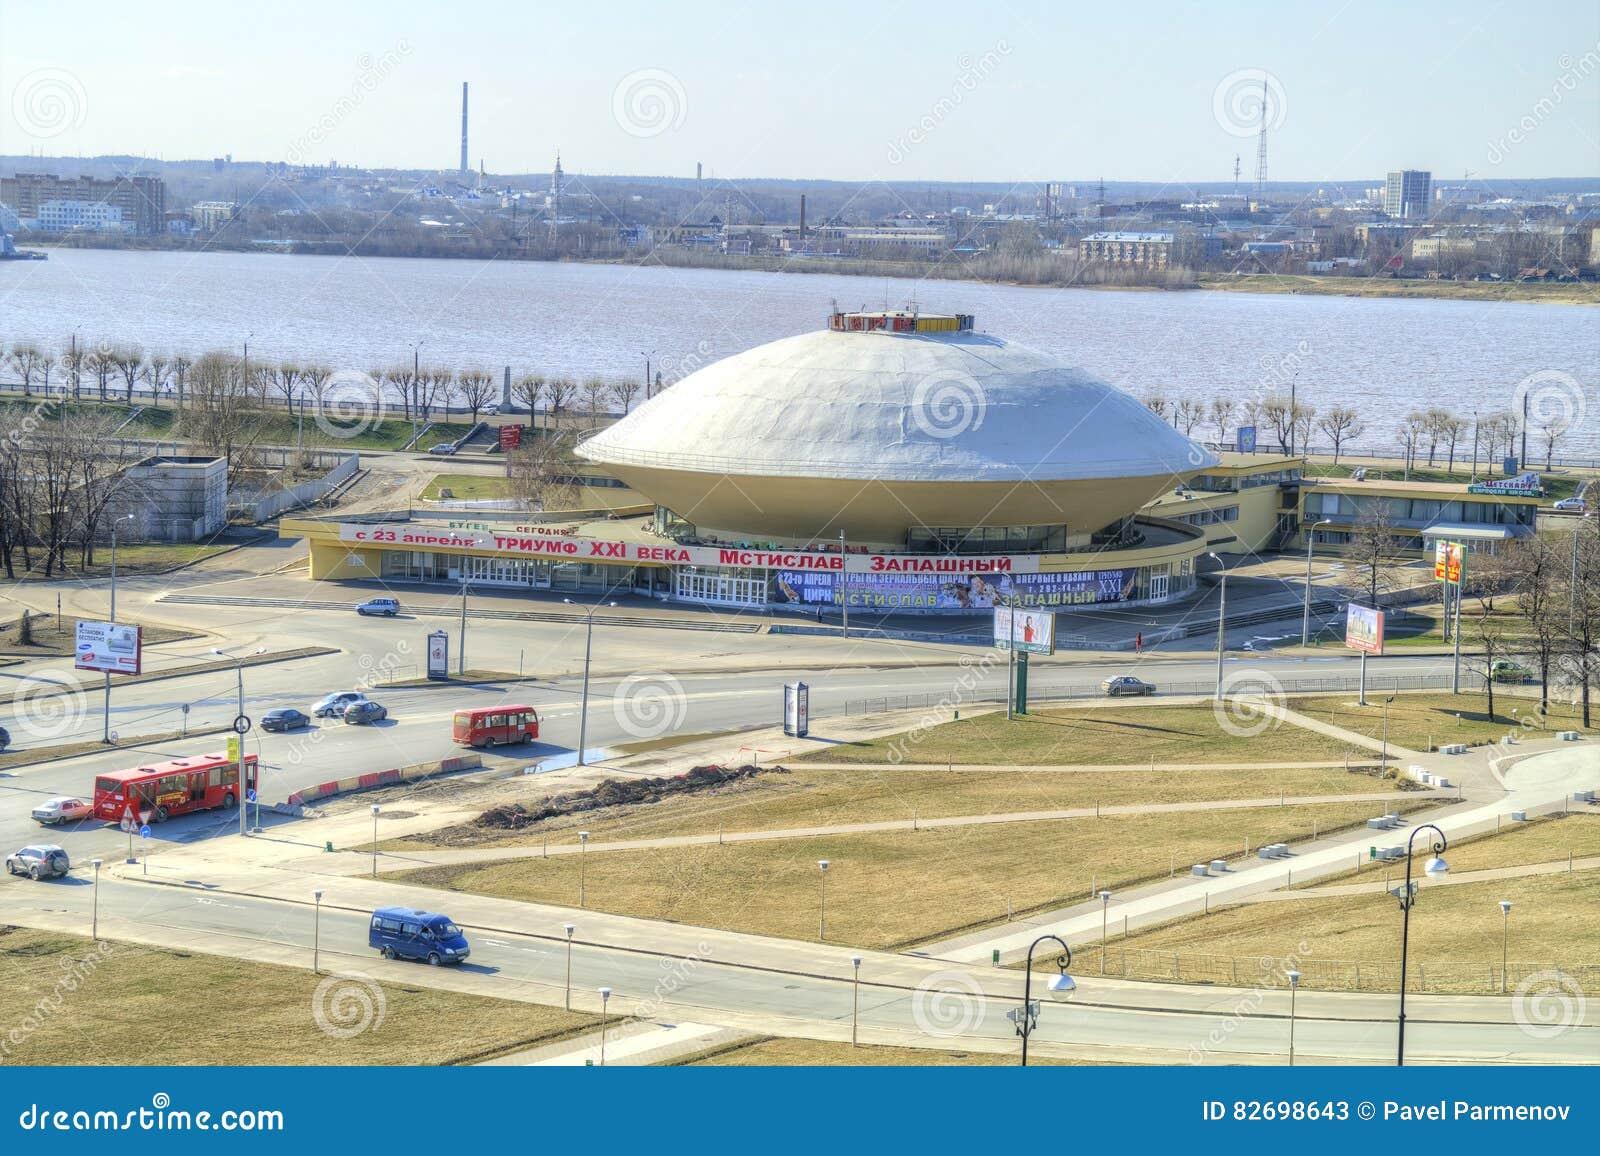 Kazan. Building of circus